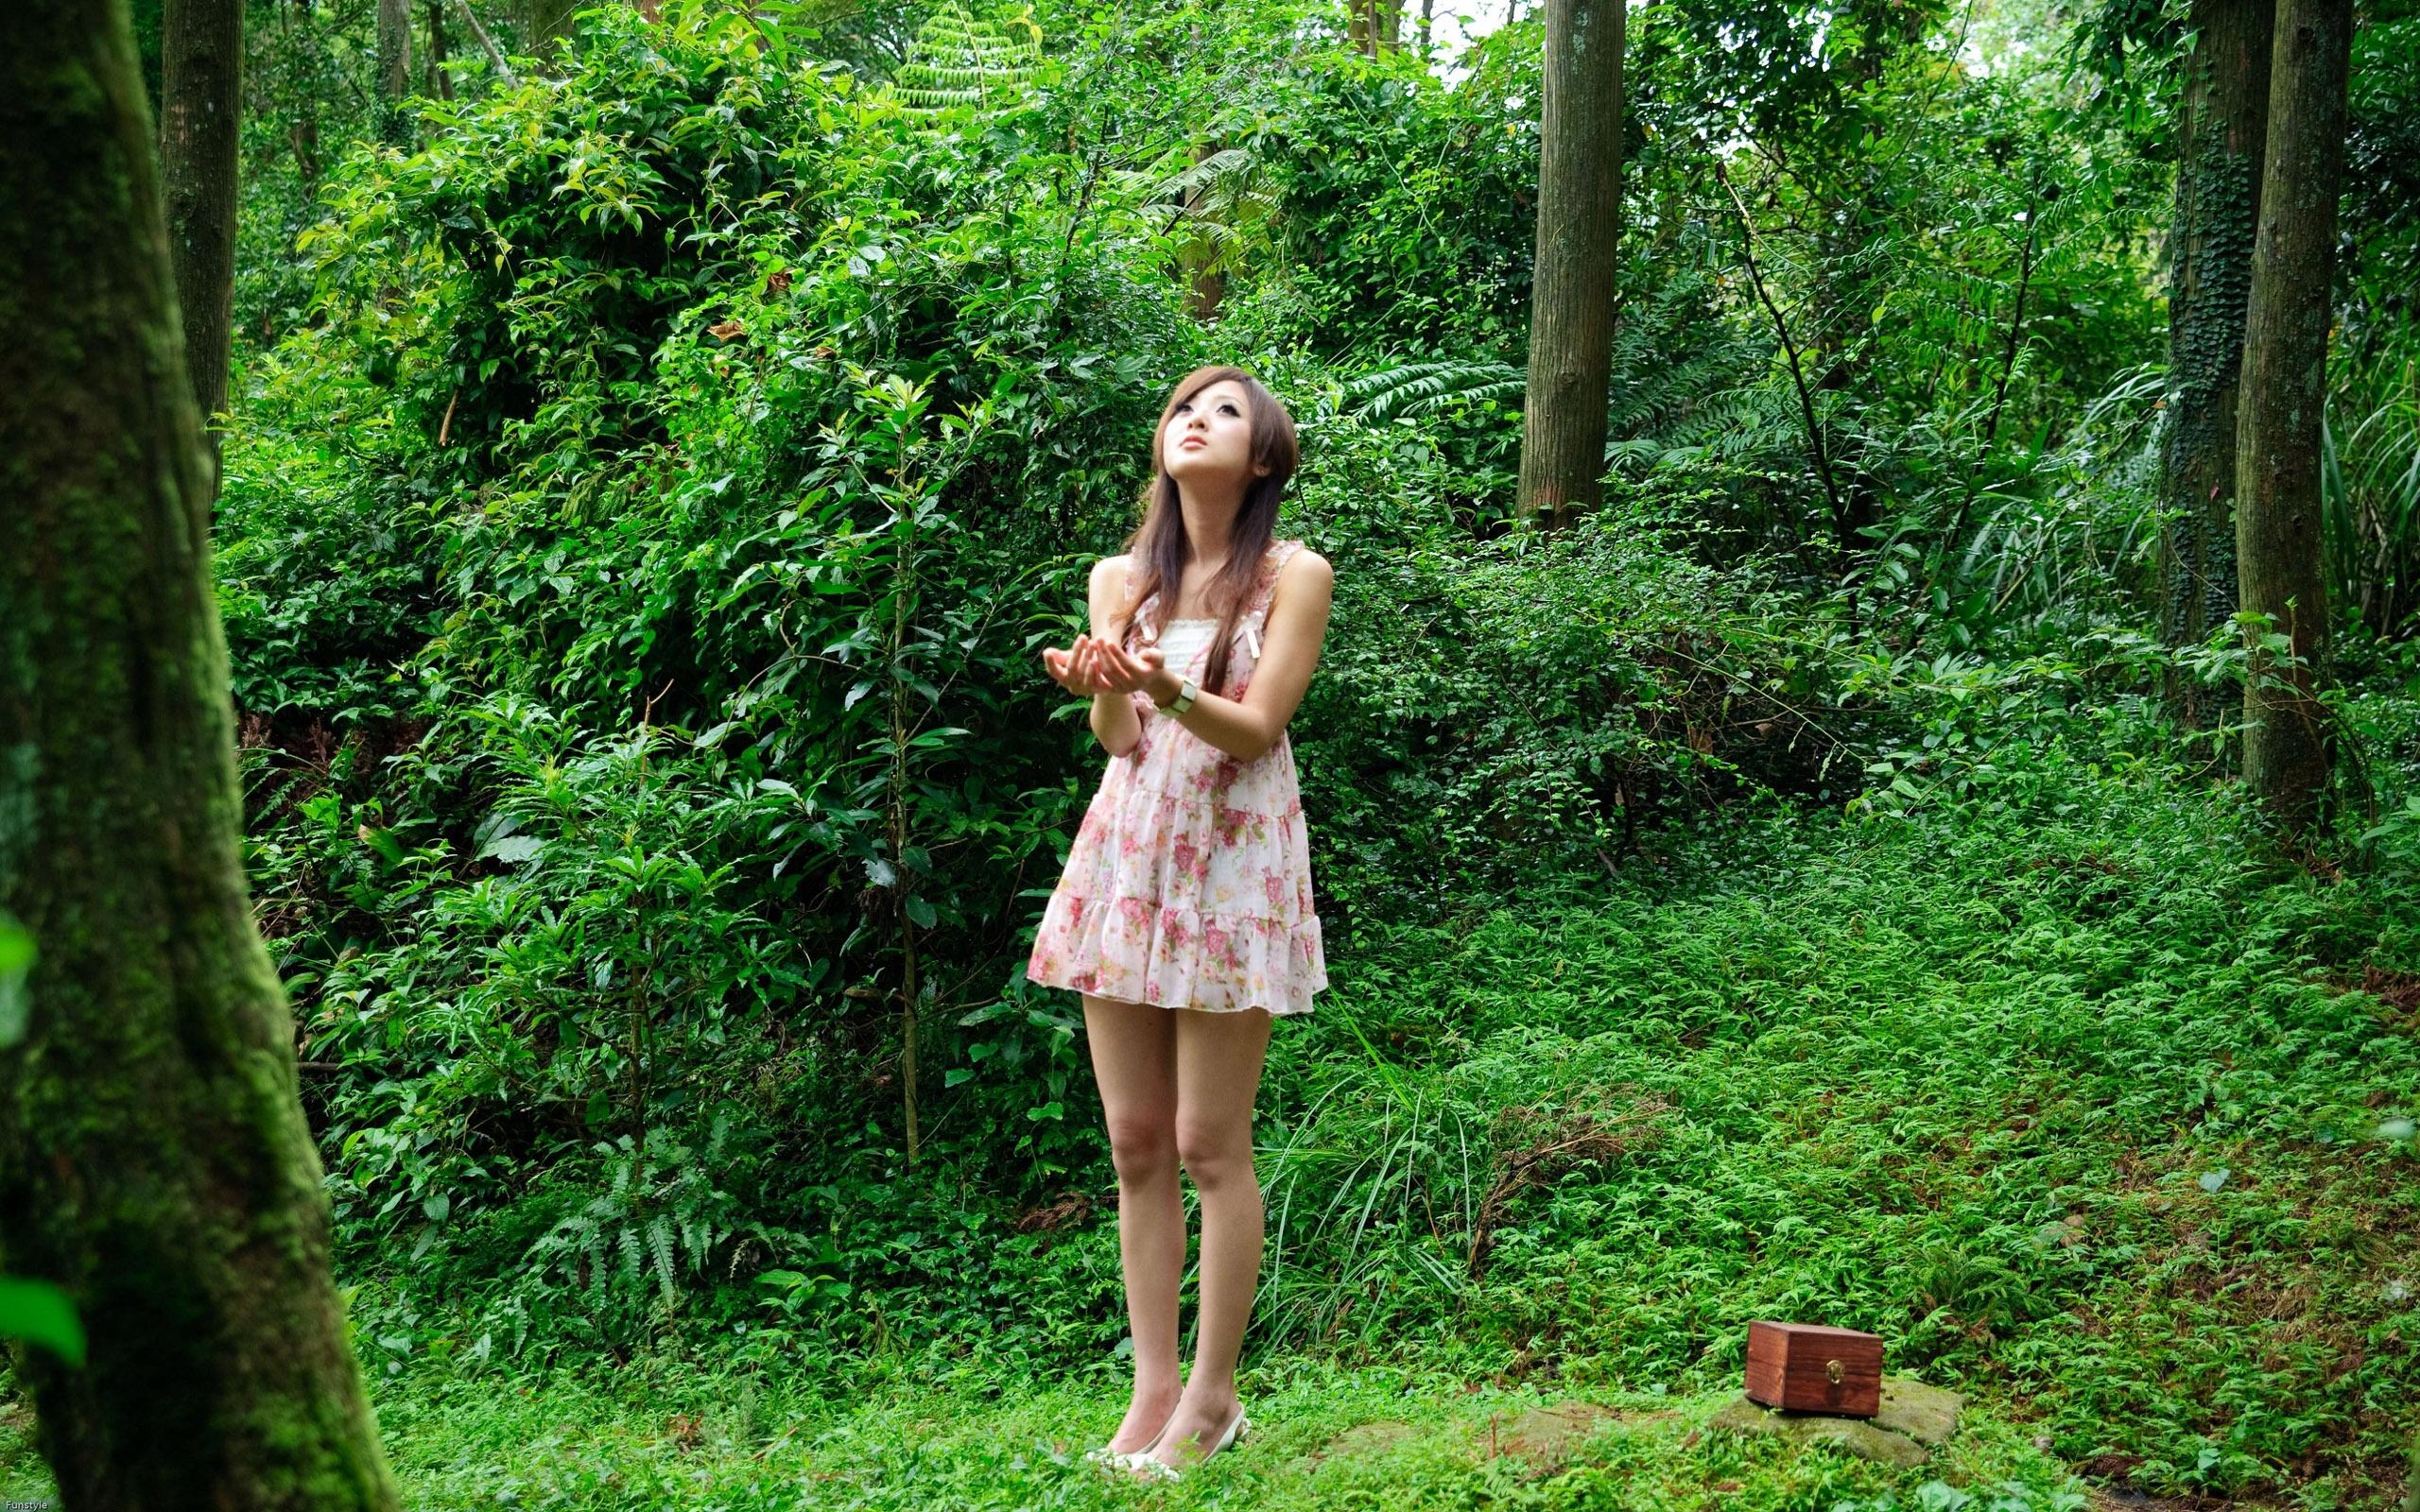 Girls Outdoor Pics